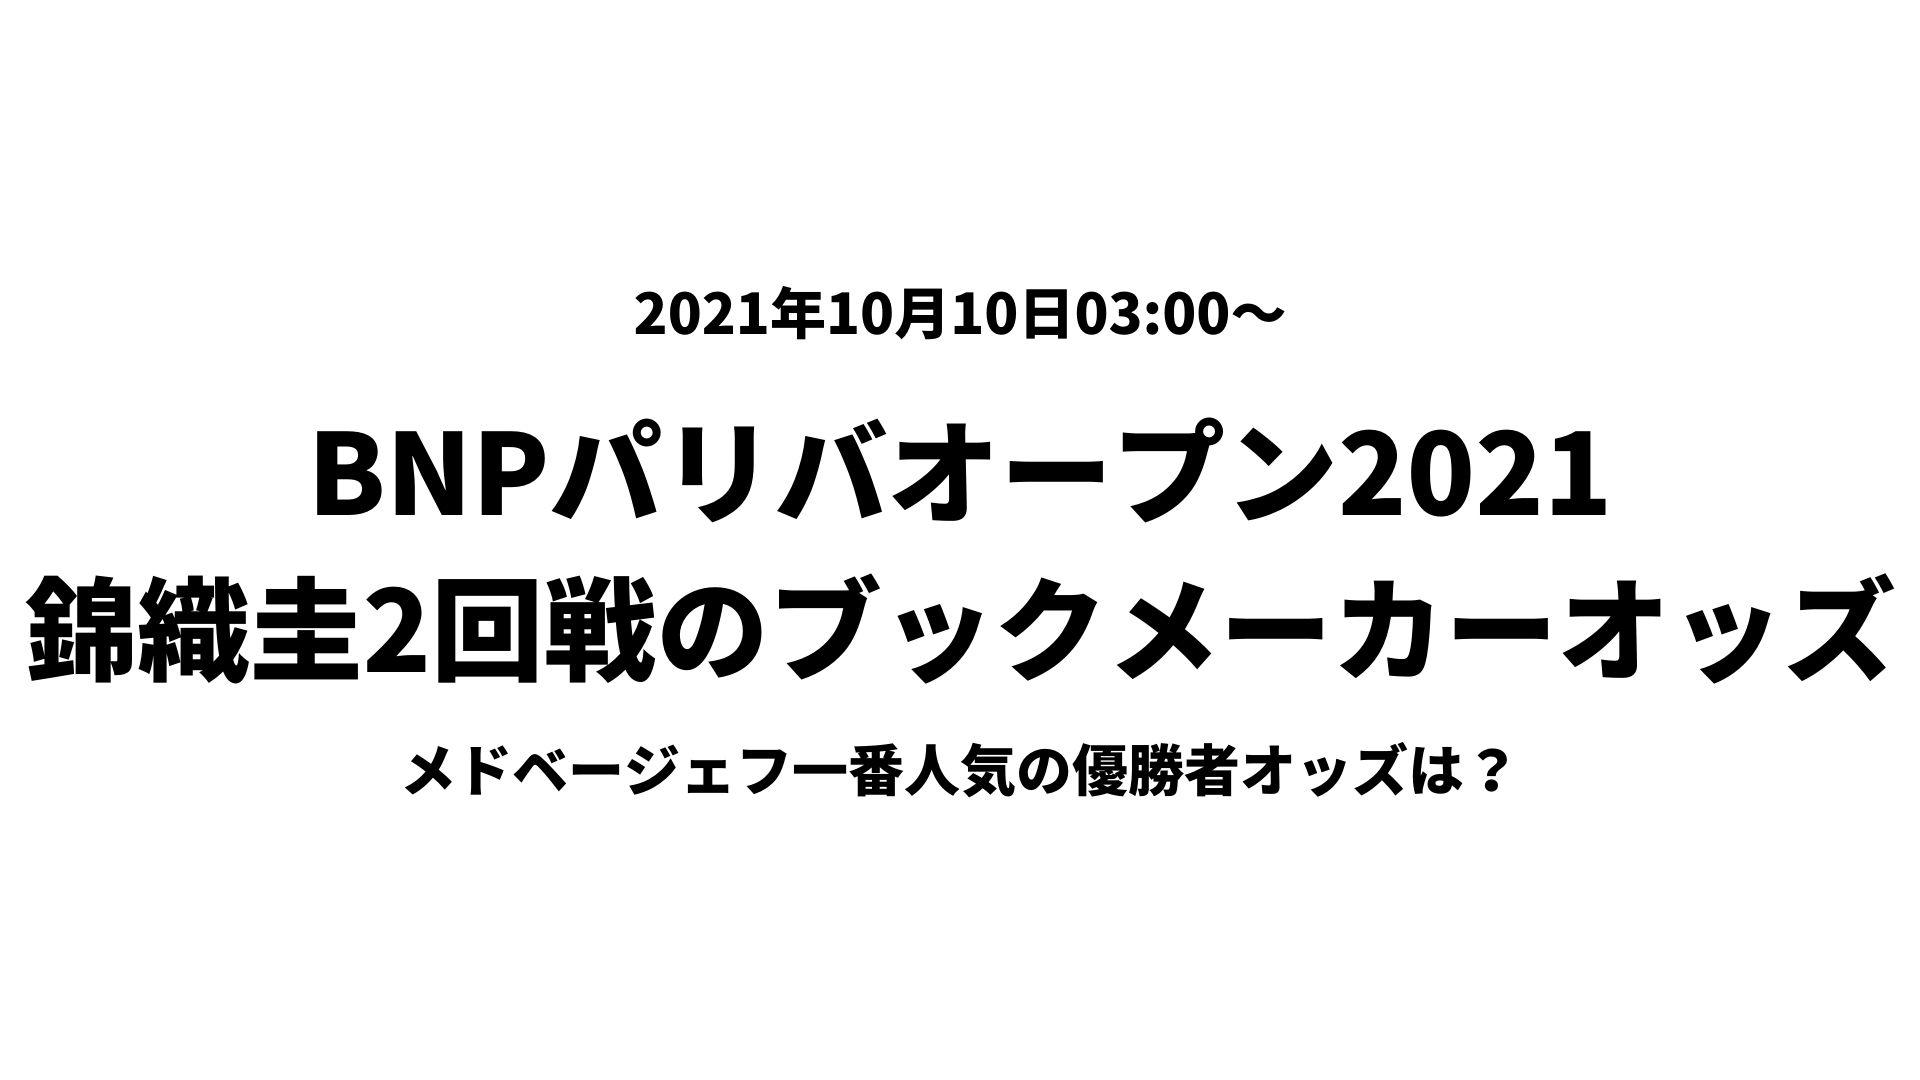 錦織圭のBNPパリバオープン2021ブックメーカーオッズ